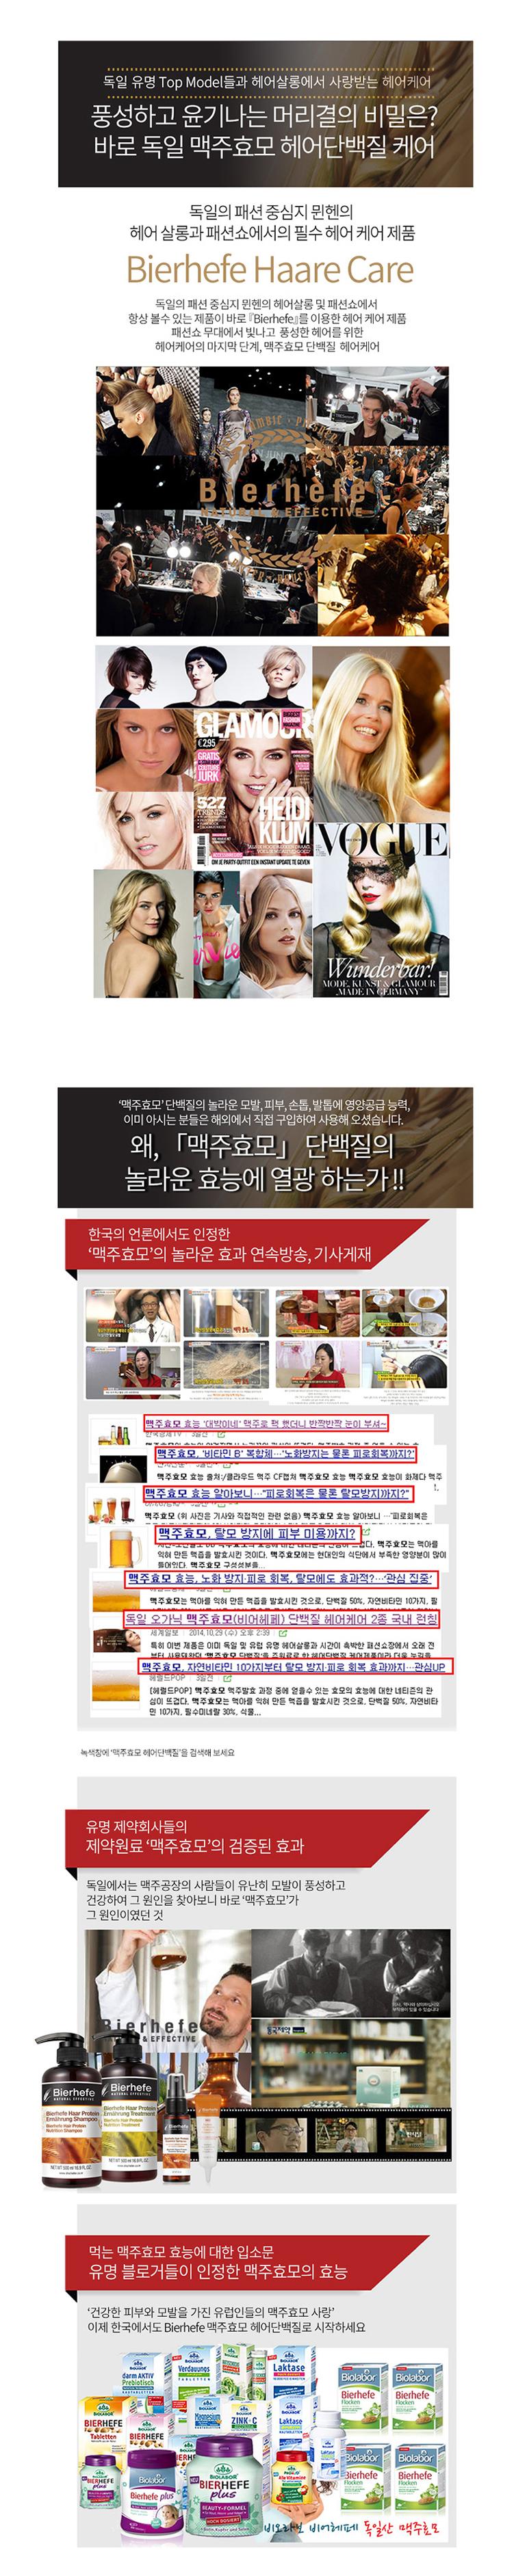 맥주효모 헤어단백질 뉴트리션 샴푸+트리트먼트 세트 - 비어헤페, 33,500원, 헤어케어, 샴푸/린스